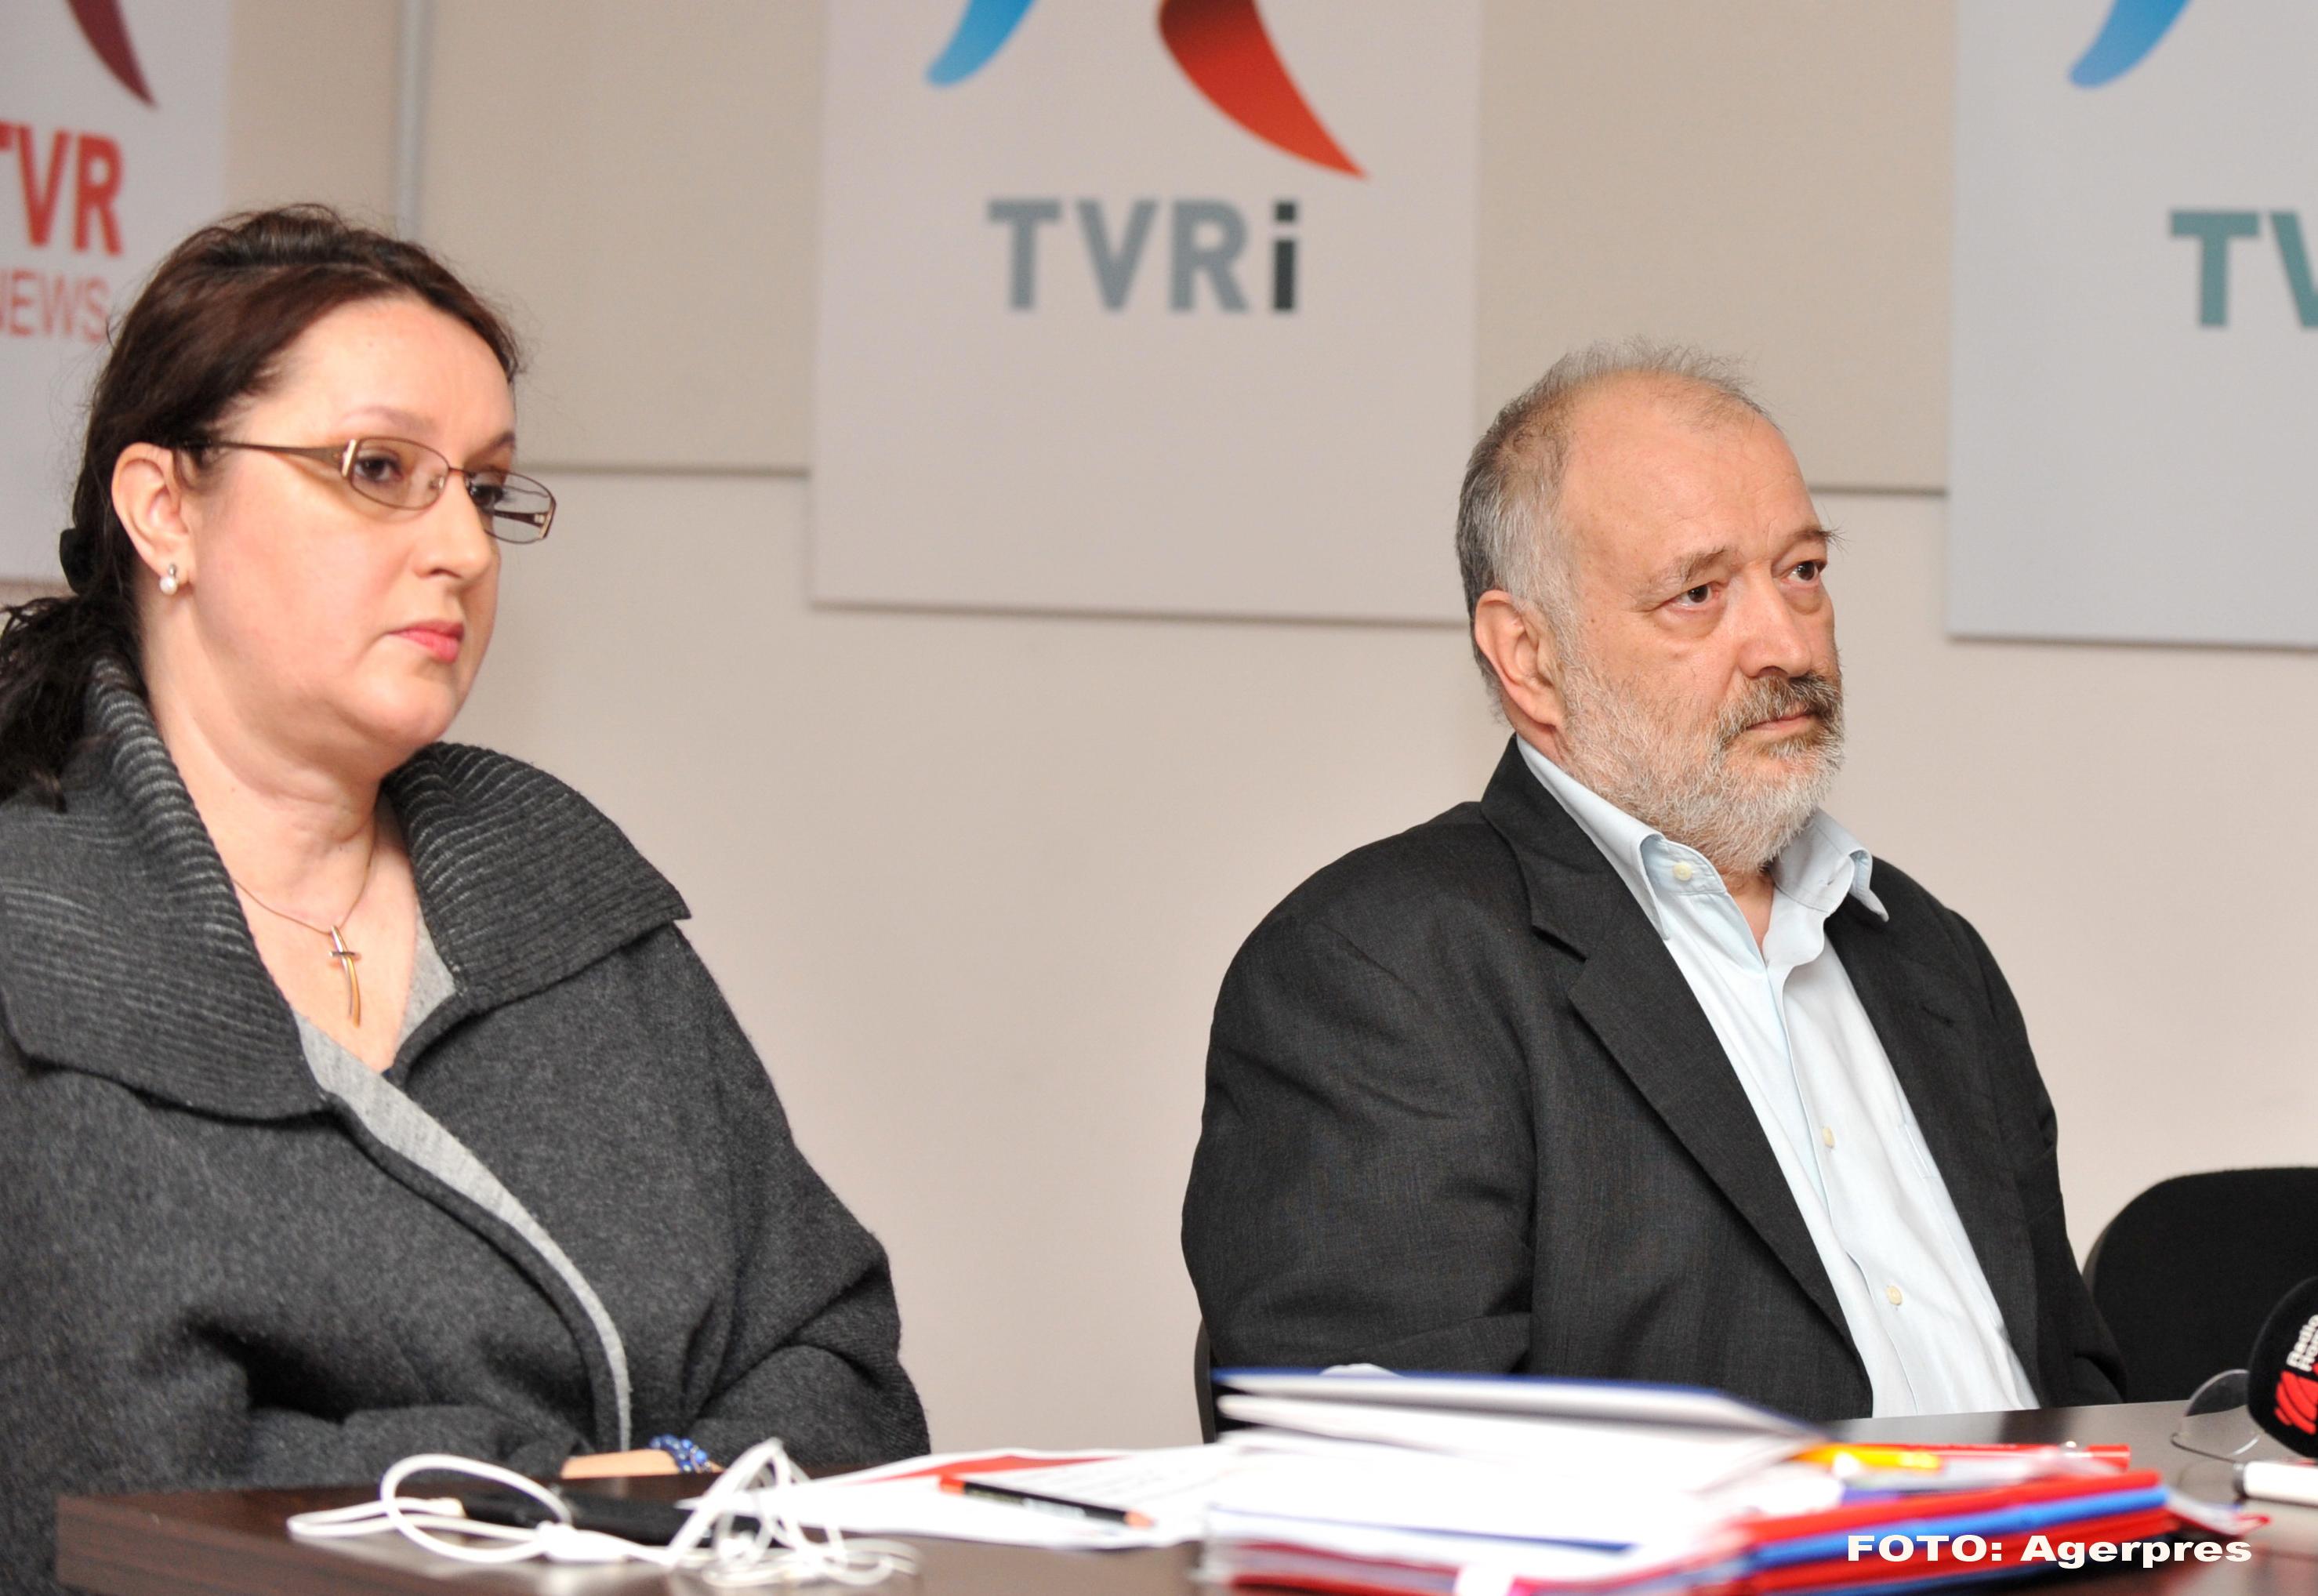 Stelian Tanase a fost demis de la conducerea TVR. Irina Radu preia functia de presedinte interimar